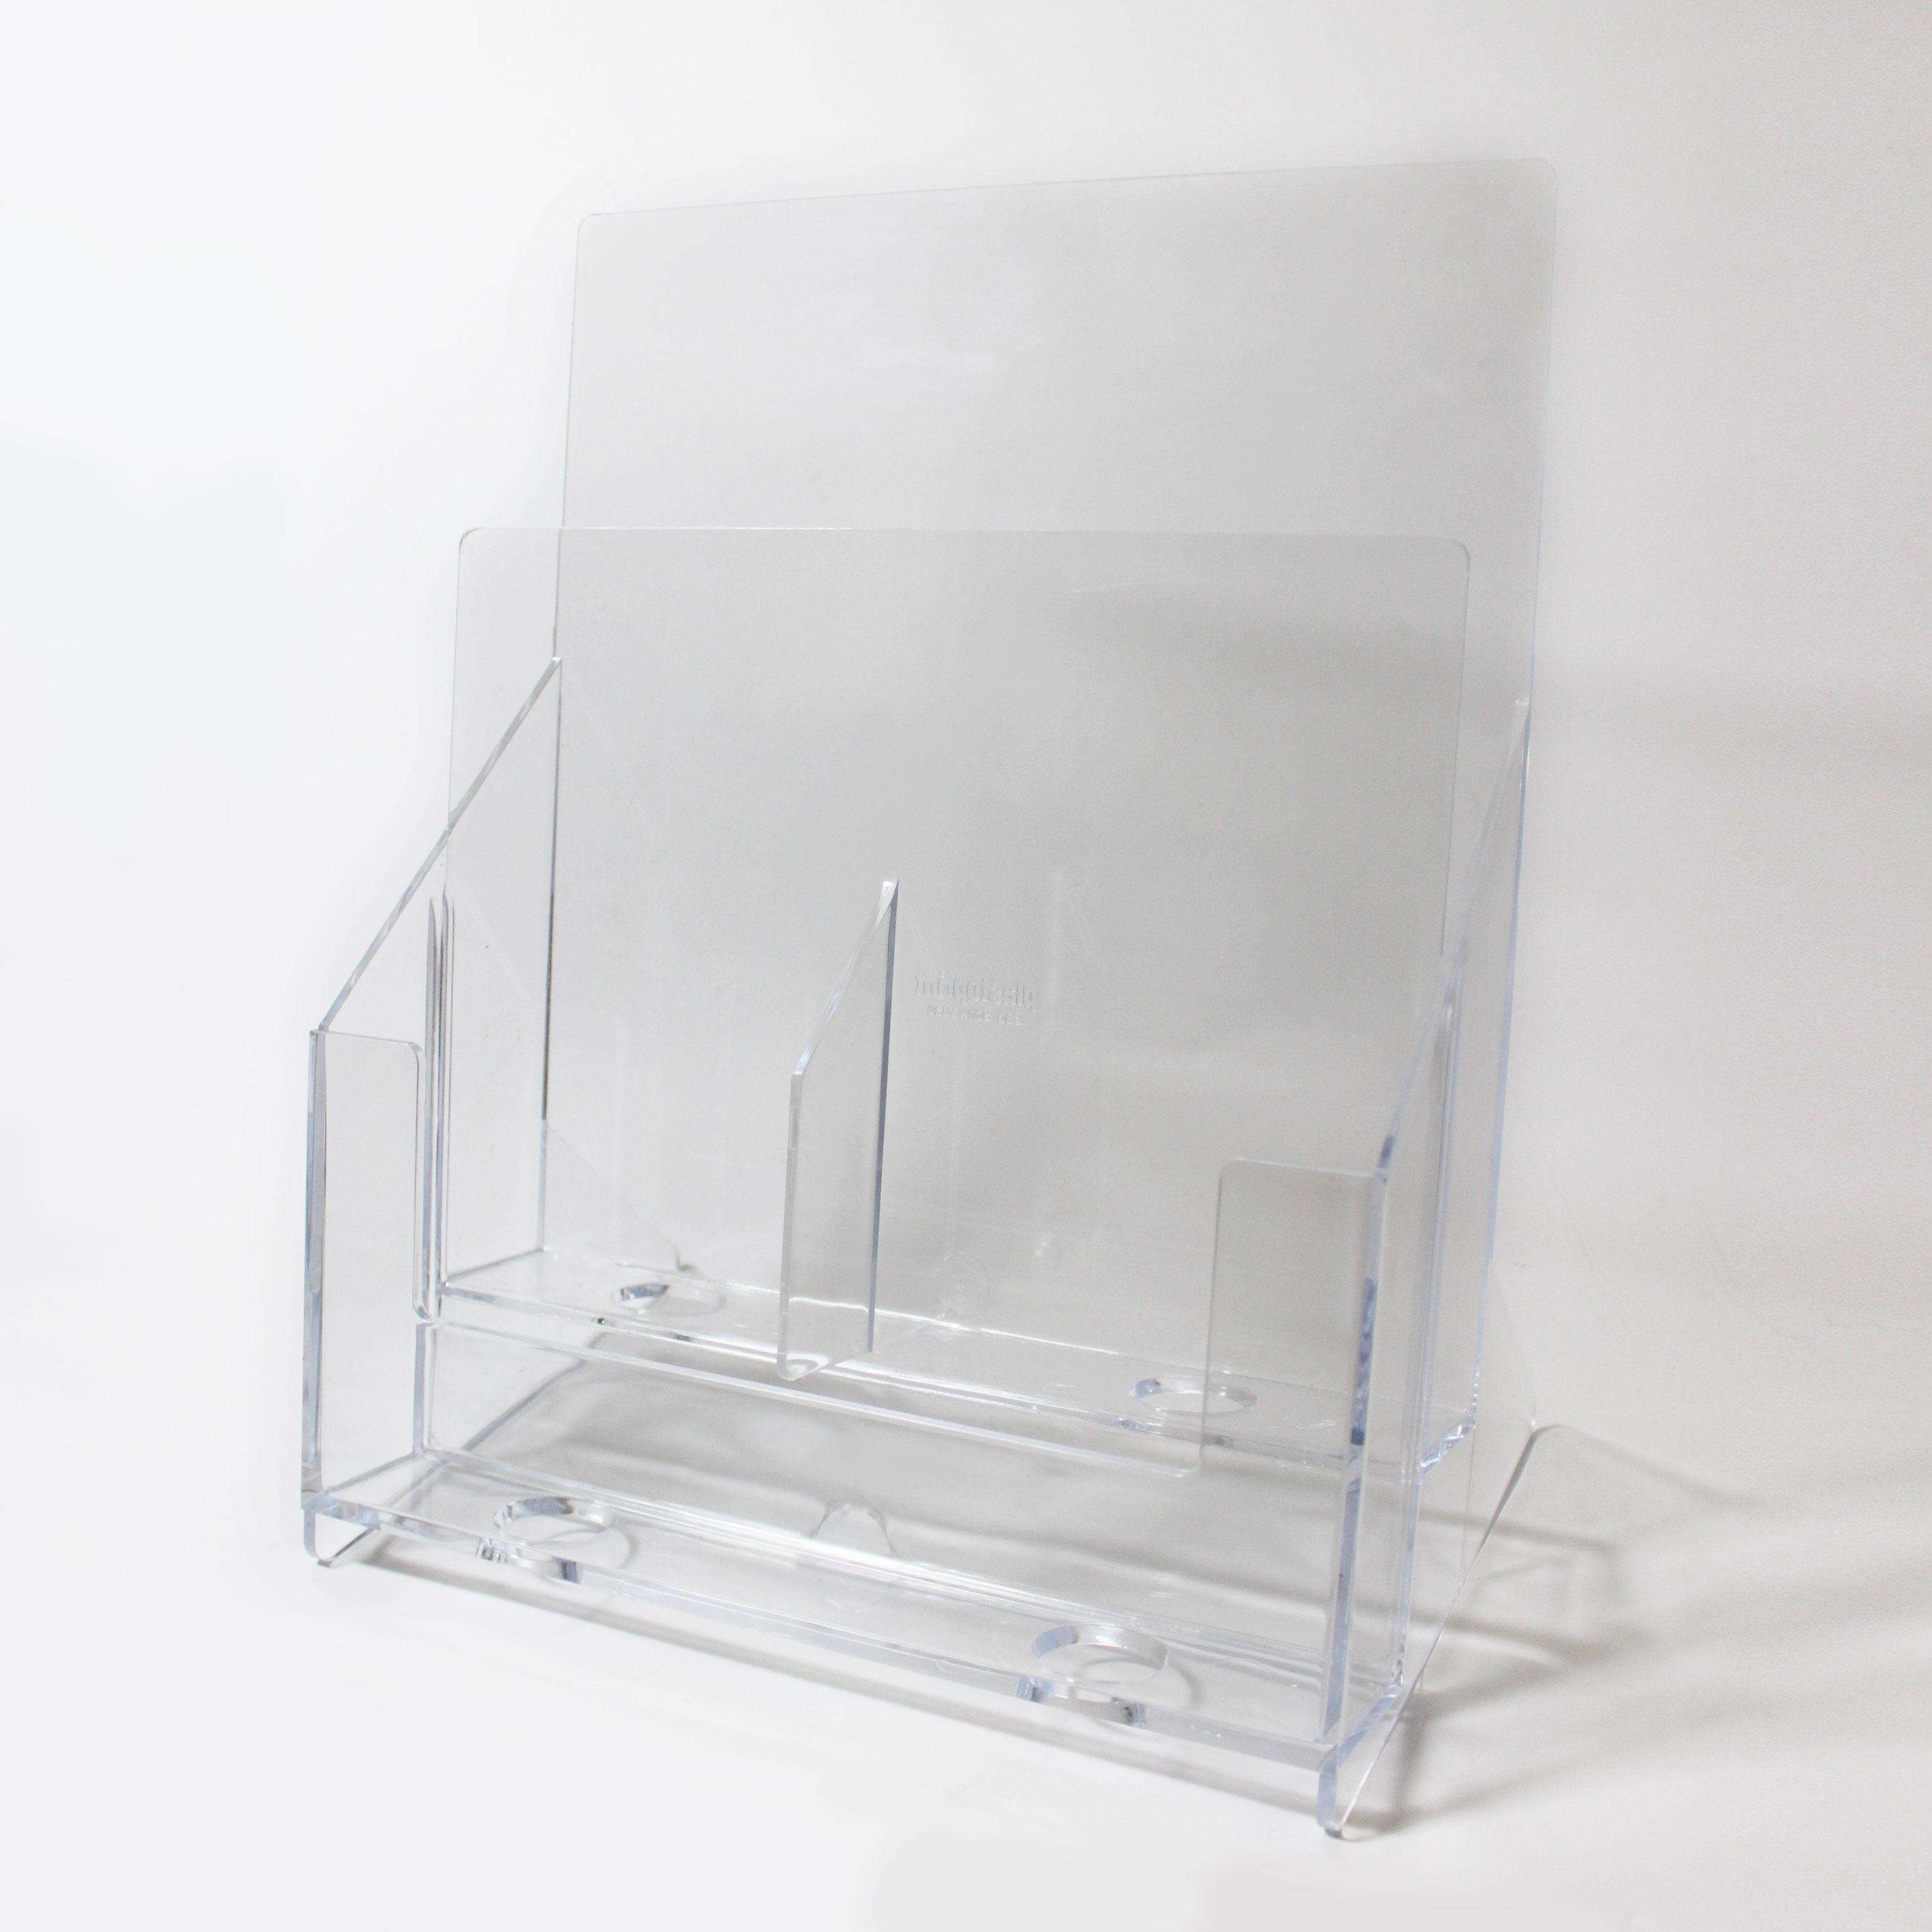 Prospektständer 1 x A4 und 2 x DIN Lang Acryl-AE 80012